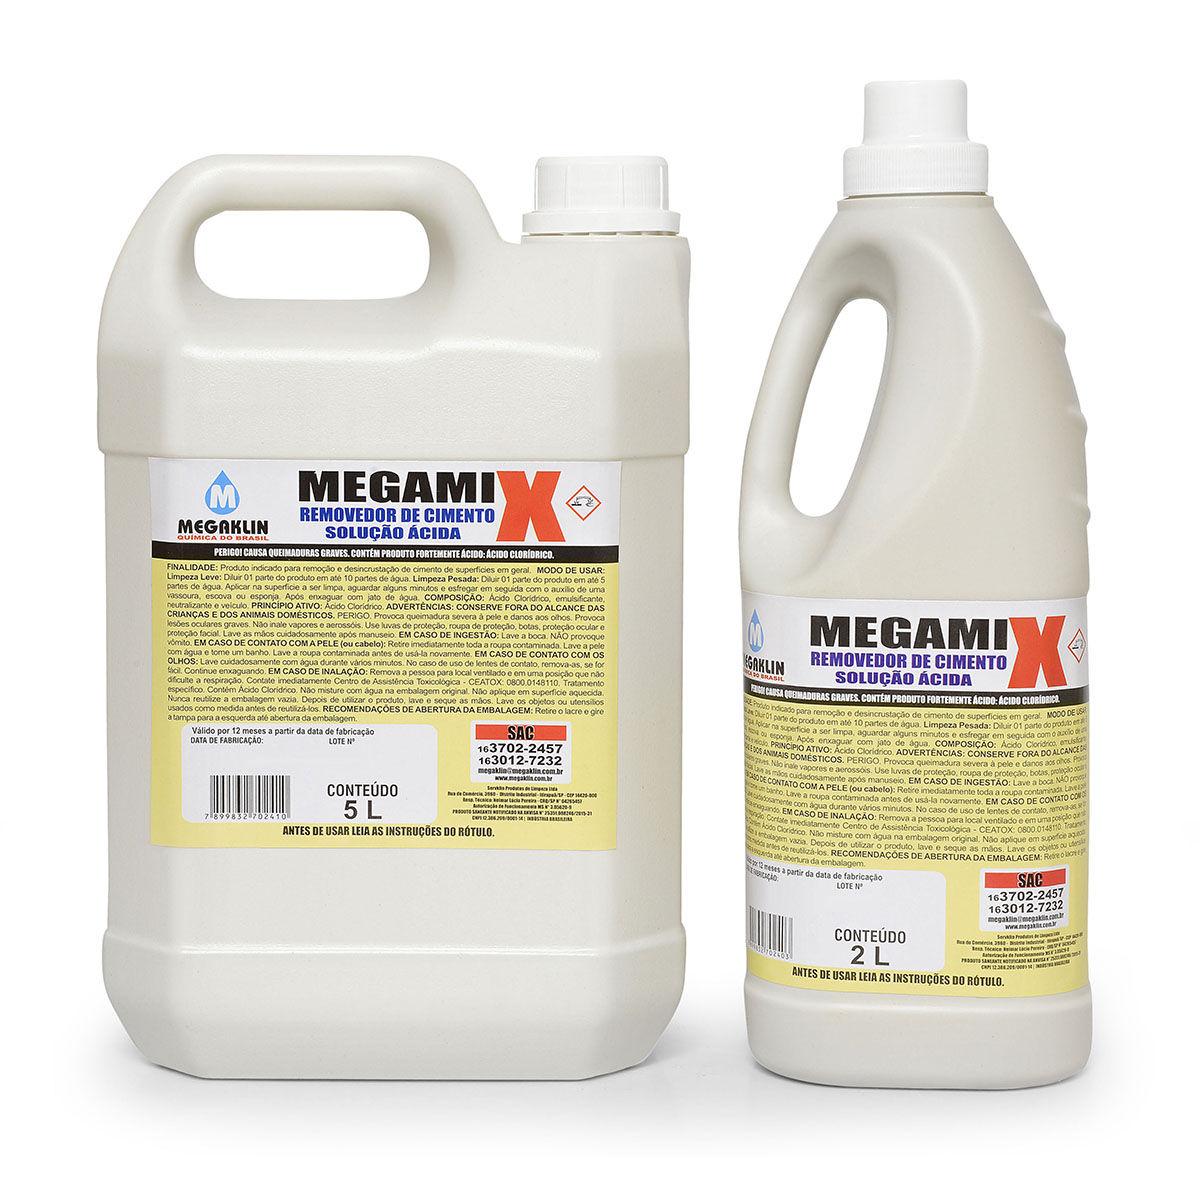 Removedor de Cimento Solução Ácida Megamix Megaklin